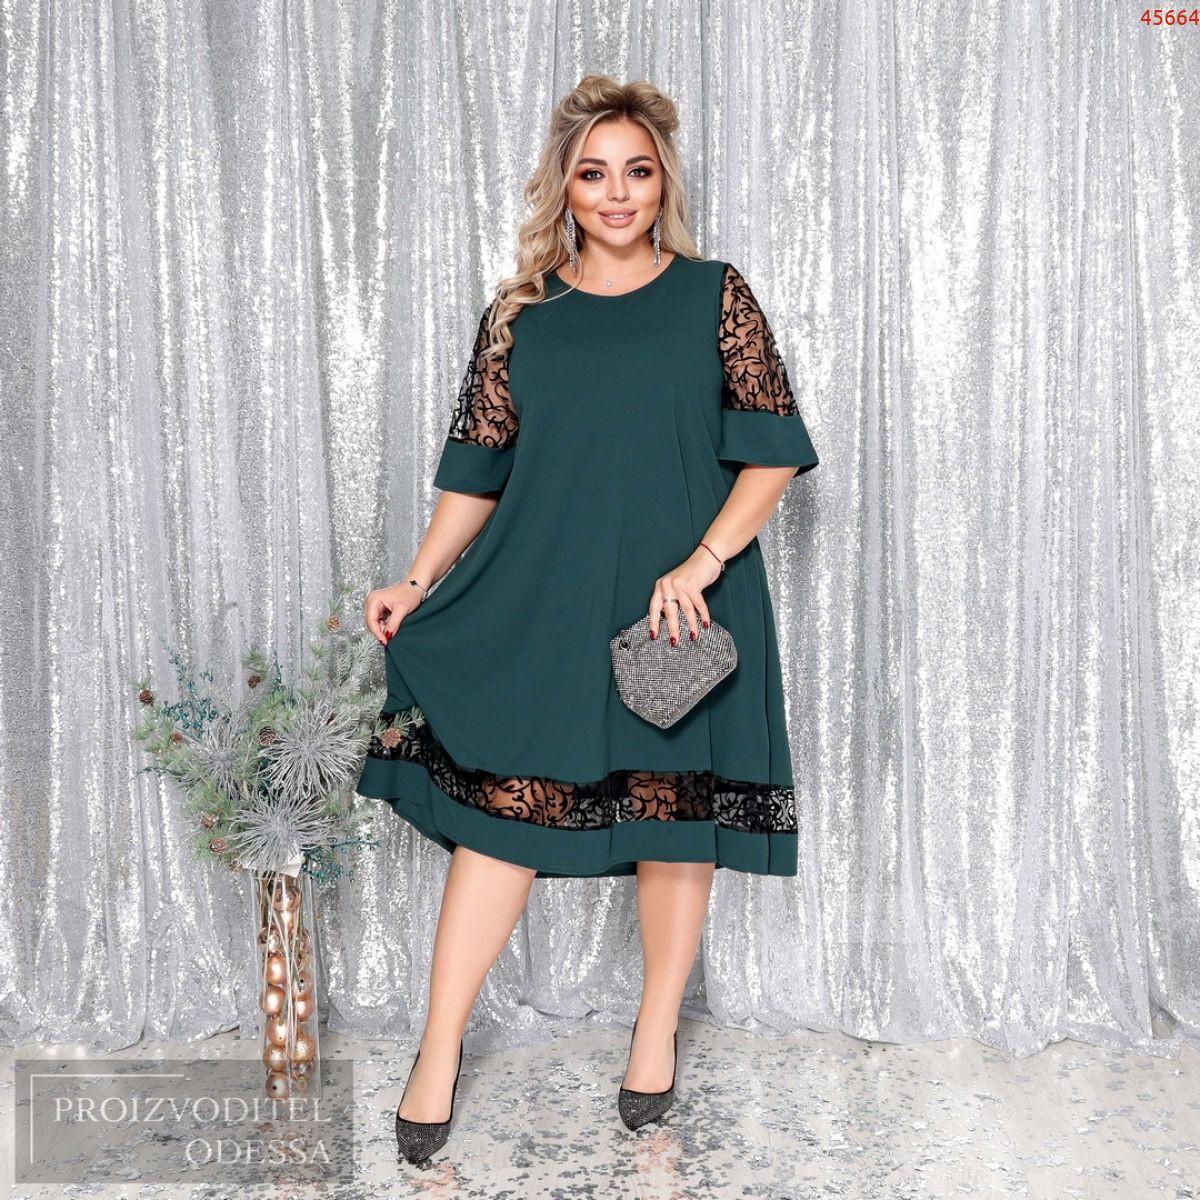 Платье №45664